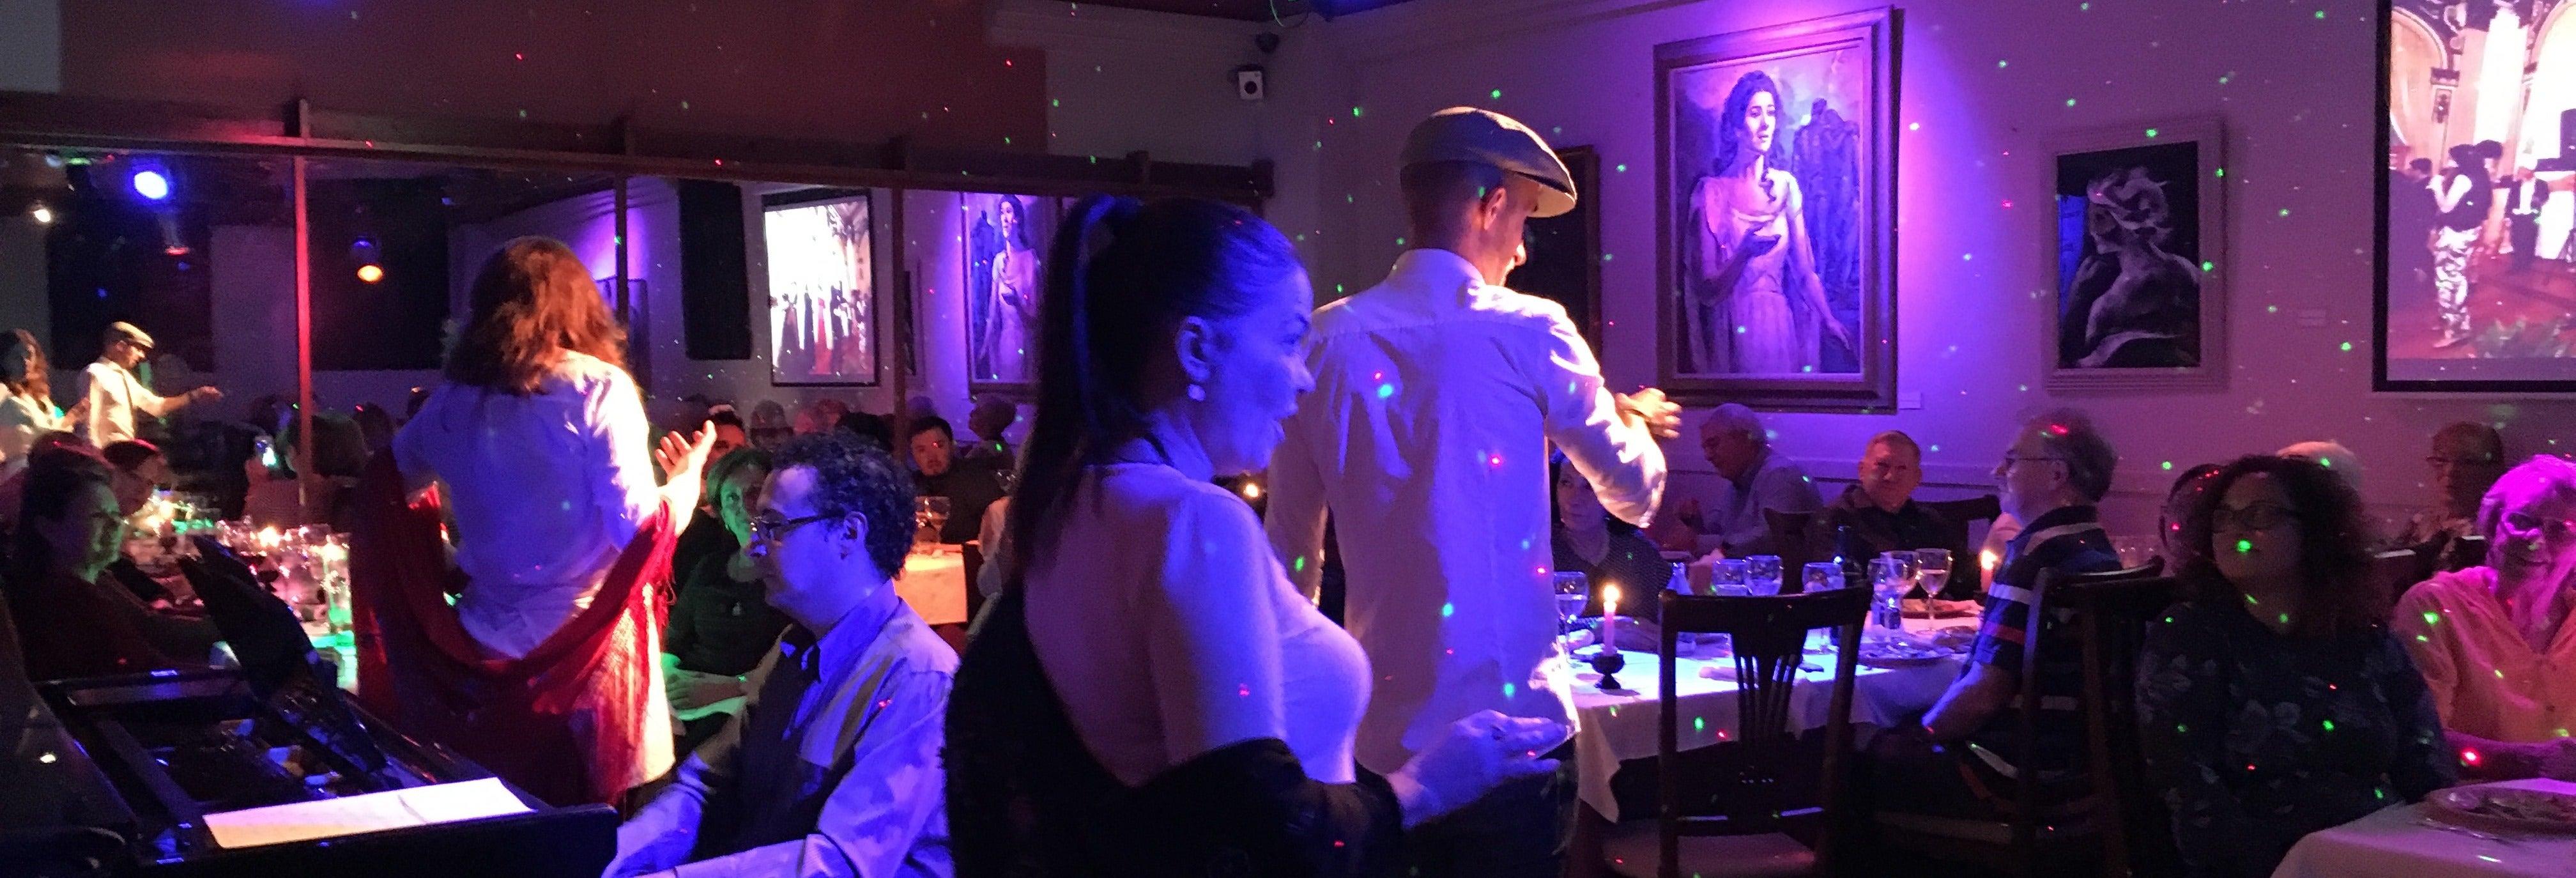 Cena y espectáculo en el restaurante La Castafiore